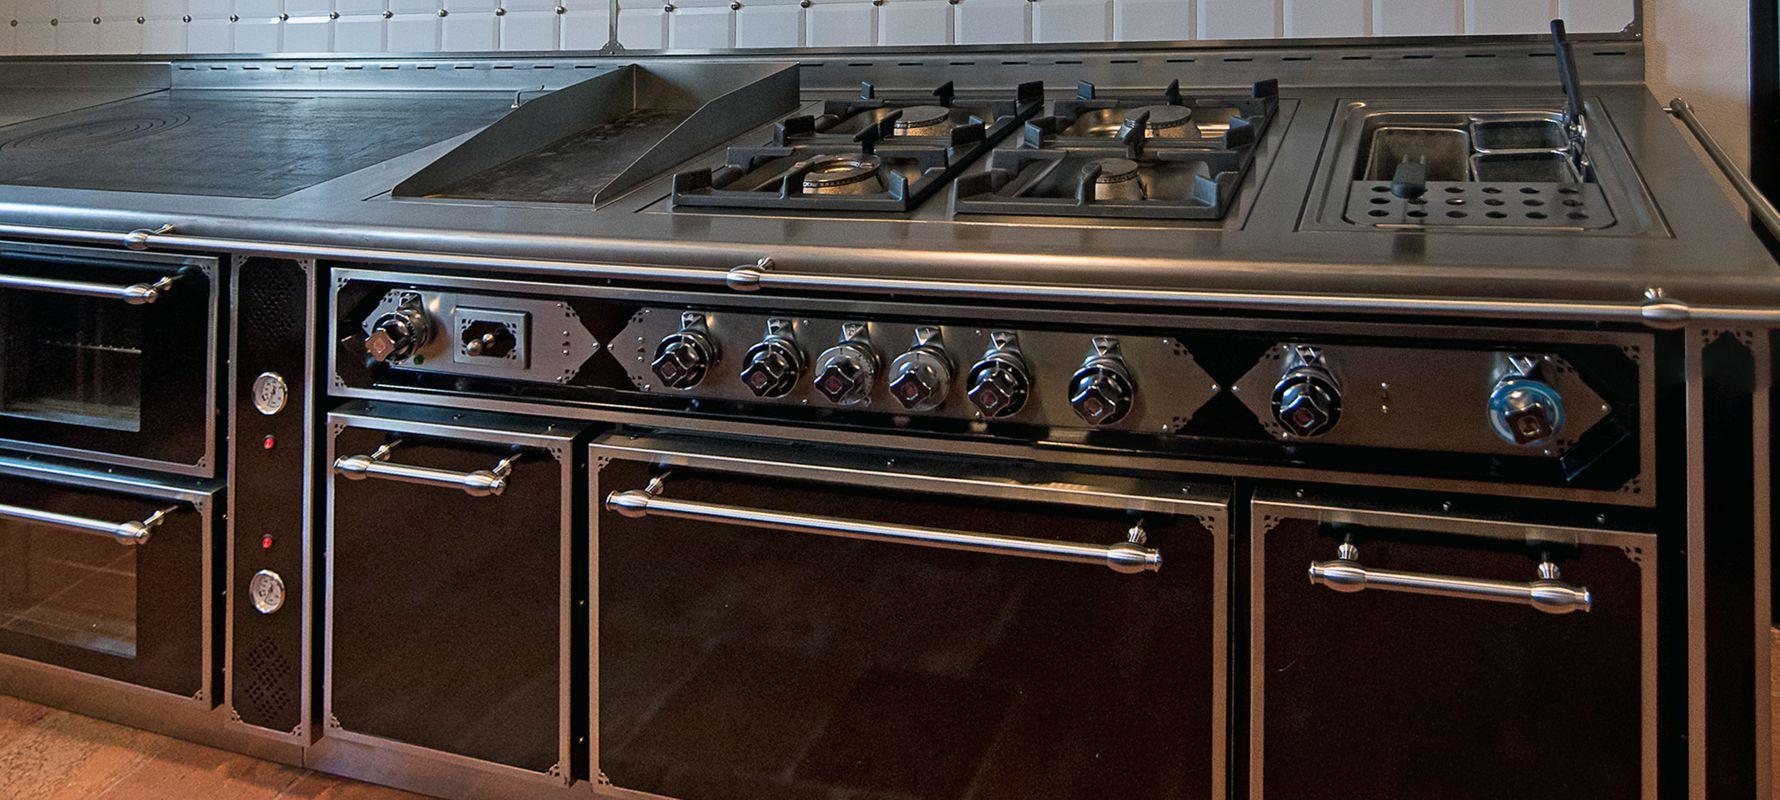 Francescon - Cucina combinata: CLG 1400.1 RUSTICA